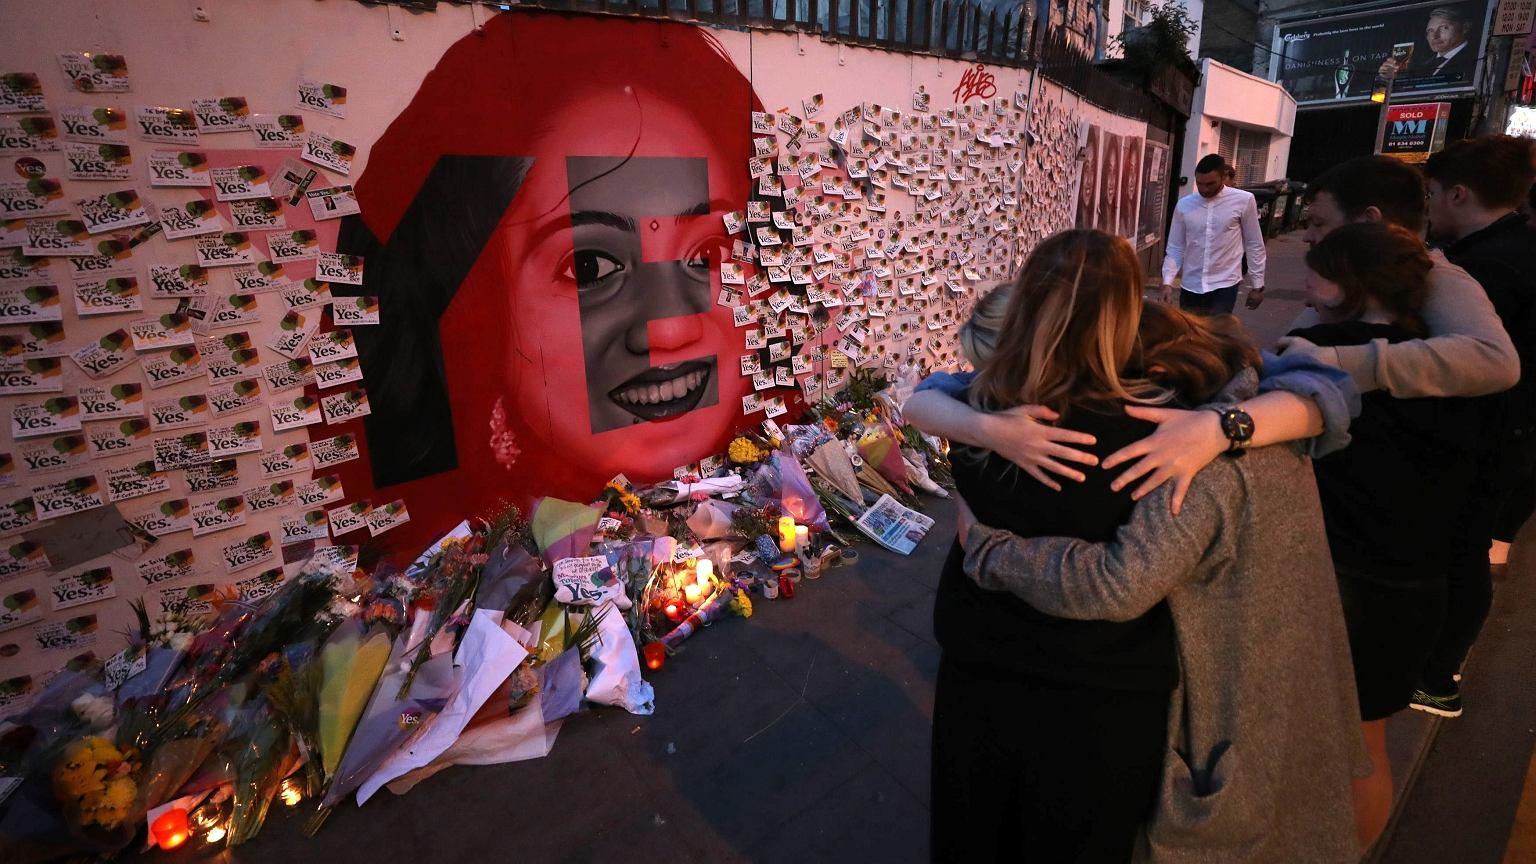 Ludzie kładą kwiaty i świece pod muralem upamiętniającym Savitę Halappanavar. Savita, której odmówiono aborcji, poroniła i zmarła na sepsę. Uznawana jest za ofiarę obowiązującego w Irlandii prawa aborcyjnego